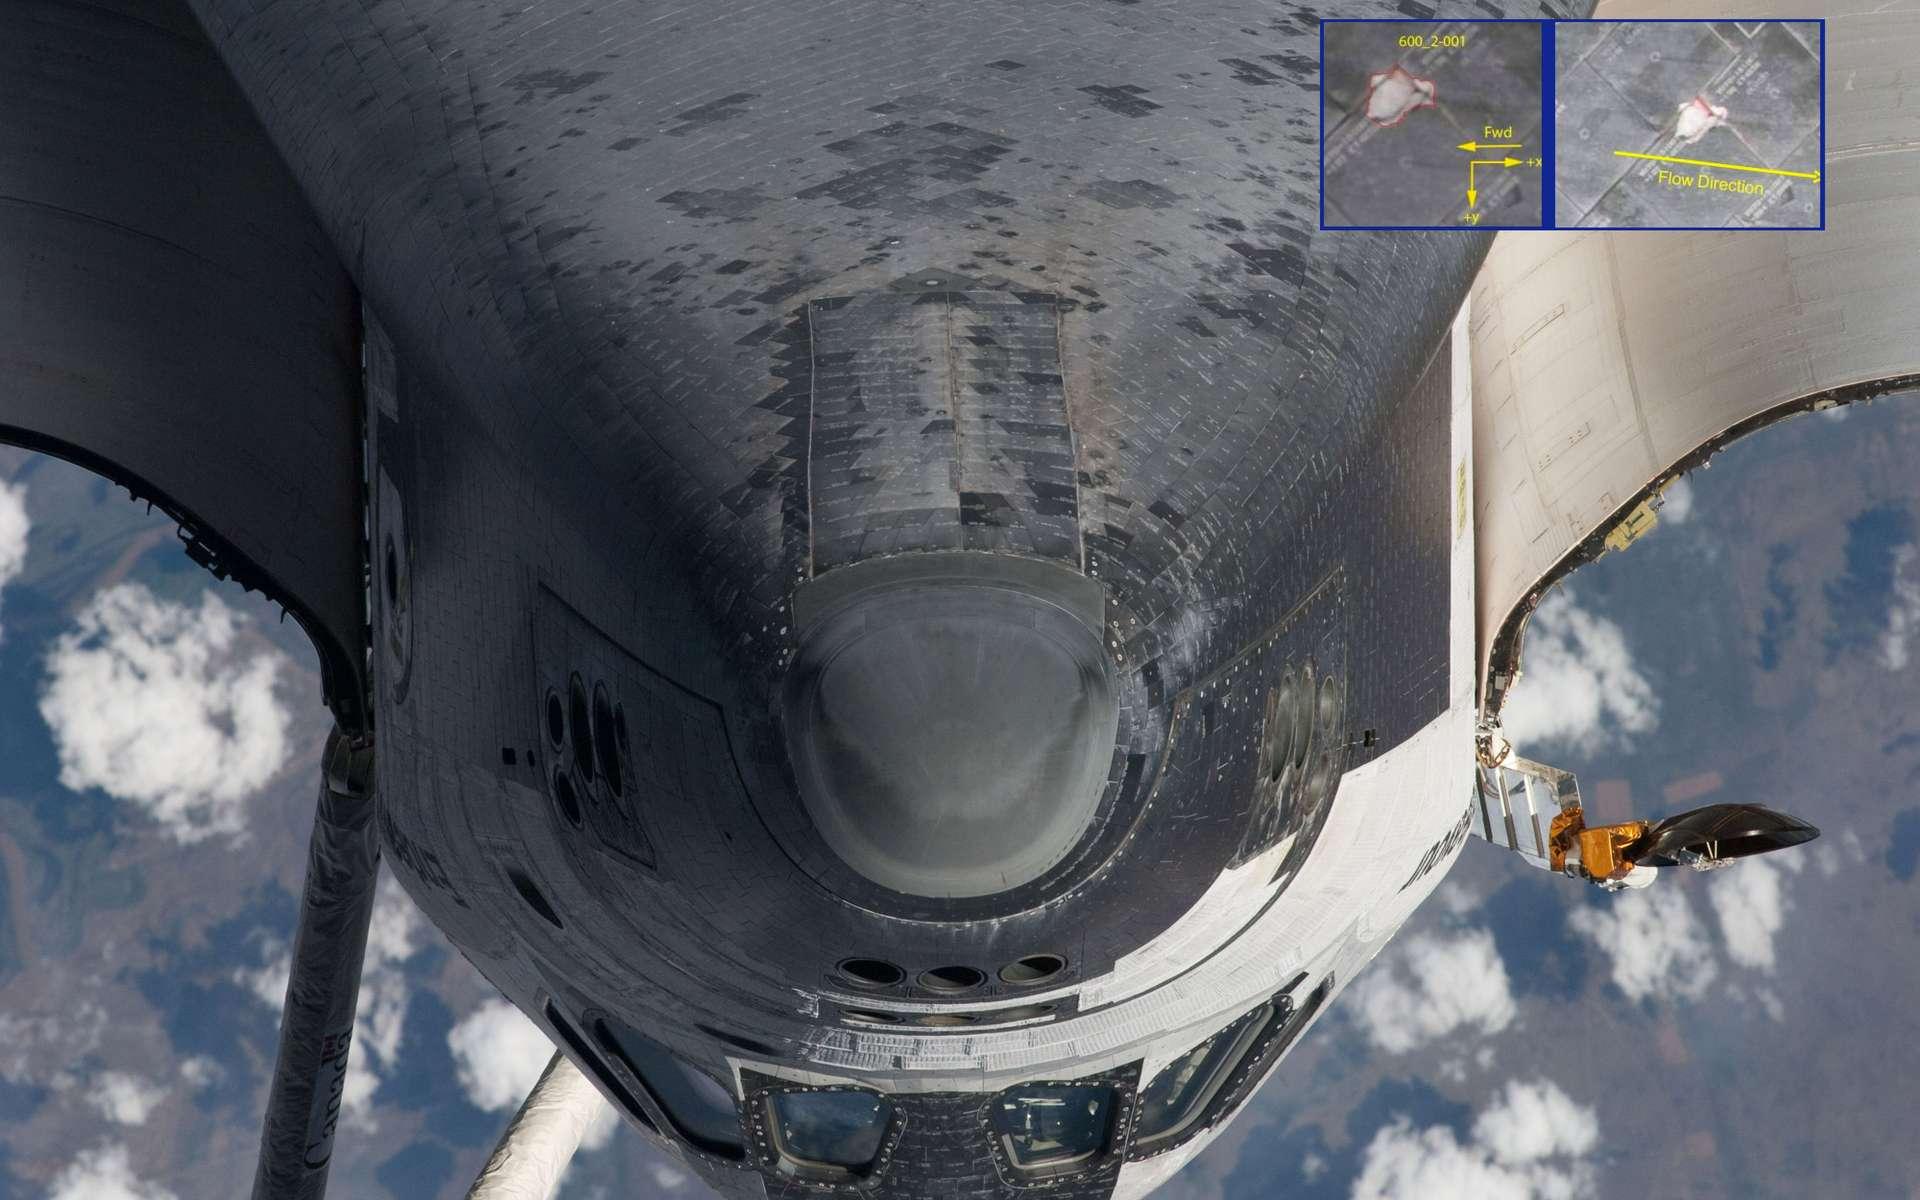 La Nasa a conclu que la faille n'était pas assez profonde pour être problématique et qu'il n'était pas nécessaire de procéder à une réparation en orbite. © Nasa